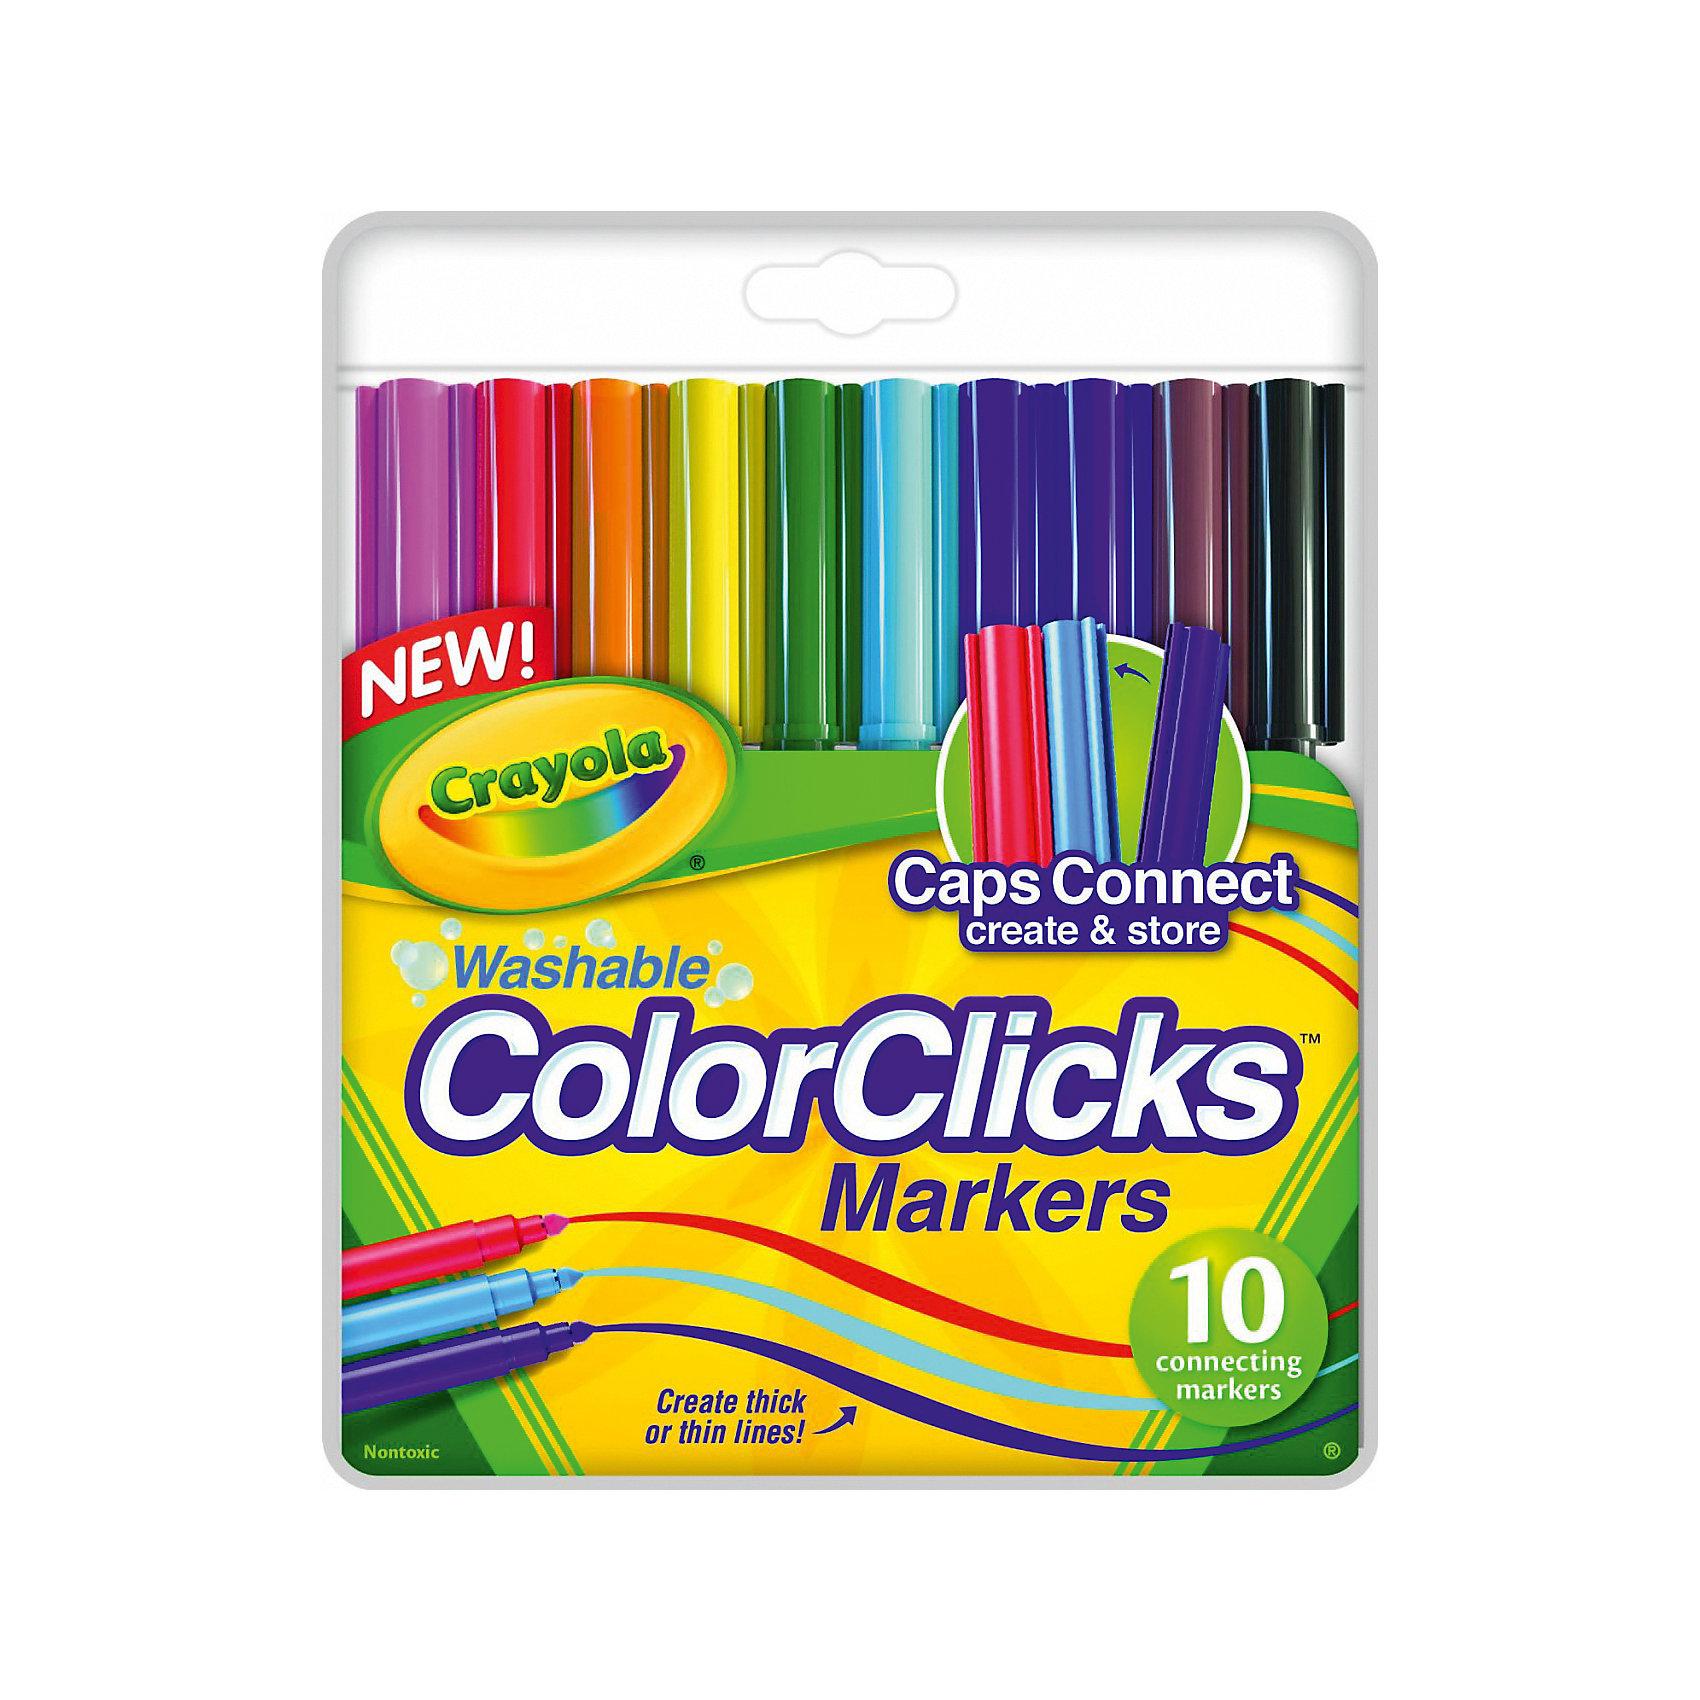 10 соединяющихся фломастеровРазноцветные фломастеры Crayola помогут в создании собственного волшебного мира на бумаге и смогут воплотить детские творческие фантазии. Их удобно держать в руке, они хорошо ложатся на бумажную поверхность и рисуют тонкими линиями, позволяя сделать изображение реалистичным и аккуратным. <br><br>В наборе 10 роскошных цветов и оттенков: все цвета радуги, а также черный, темно-коричневый и розовый фломастеры. Особенность этого набора для юного художника состоит в том, что колпачки фломастеров могут соединяться друг с другом, образуя надежный крепеж. Таким образом, если малыш возьмет фломастеры с собой на прогулку, в школу или в гости, он не потеряет ни один из пишущих предметов. И сможет создавать рисунки в любом месте!<br><br>Материалы, из которого сделаны фломастеры, качественны и безопасны для детей.<br><br>10 соединяющихся фломастеров можно купить в нашем магазине.<br><br>Ширина мм: 215<br>Глубина мм: 150<br>Высота мм: 80<br>Вес г: 108<br>Возраст от месяцев: 72<br>Возраст до месяцев: 168<br>Пол: Унисекс<br>Возраст: Детский<br>SKU: 4666934